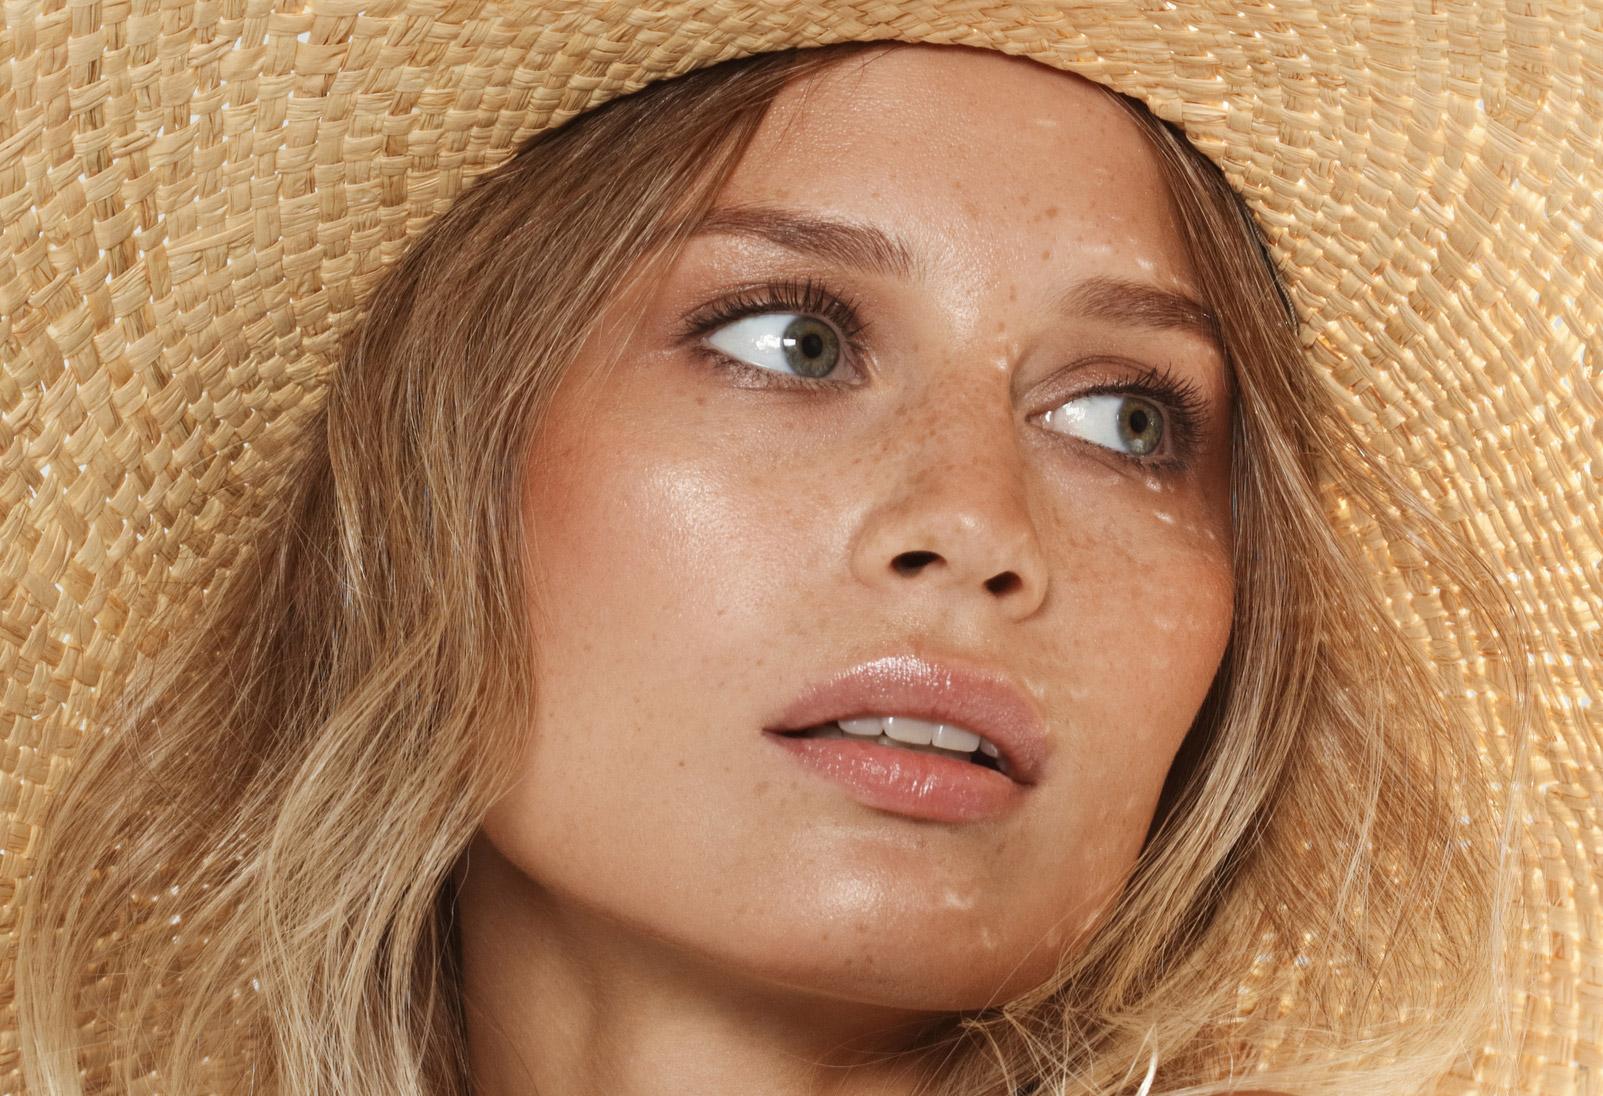 Yaz bakımı: Saçlarını korumak için yazın neler yapmalısın?